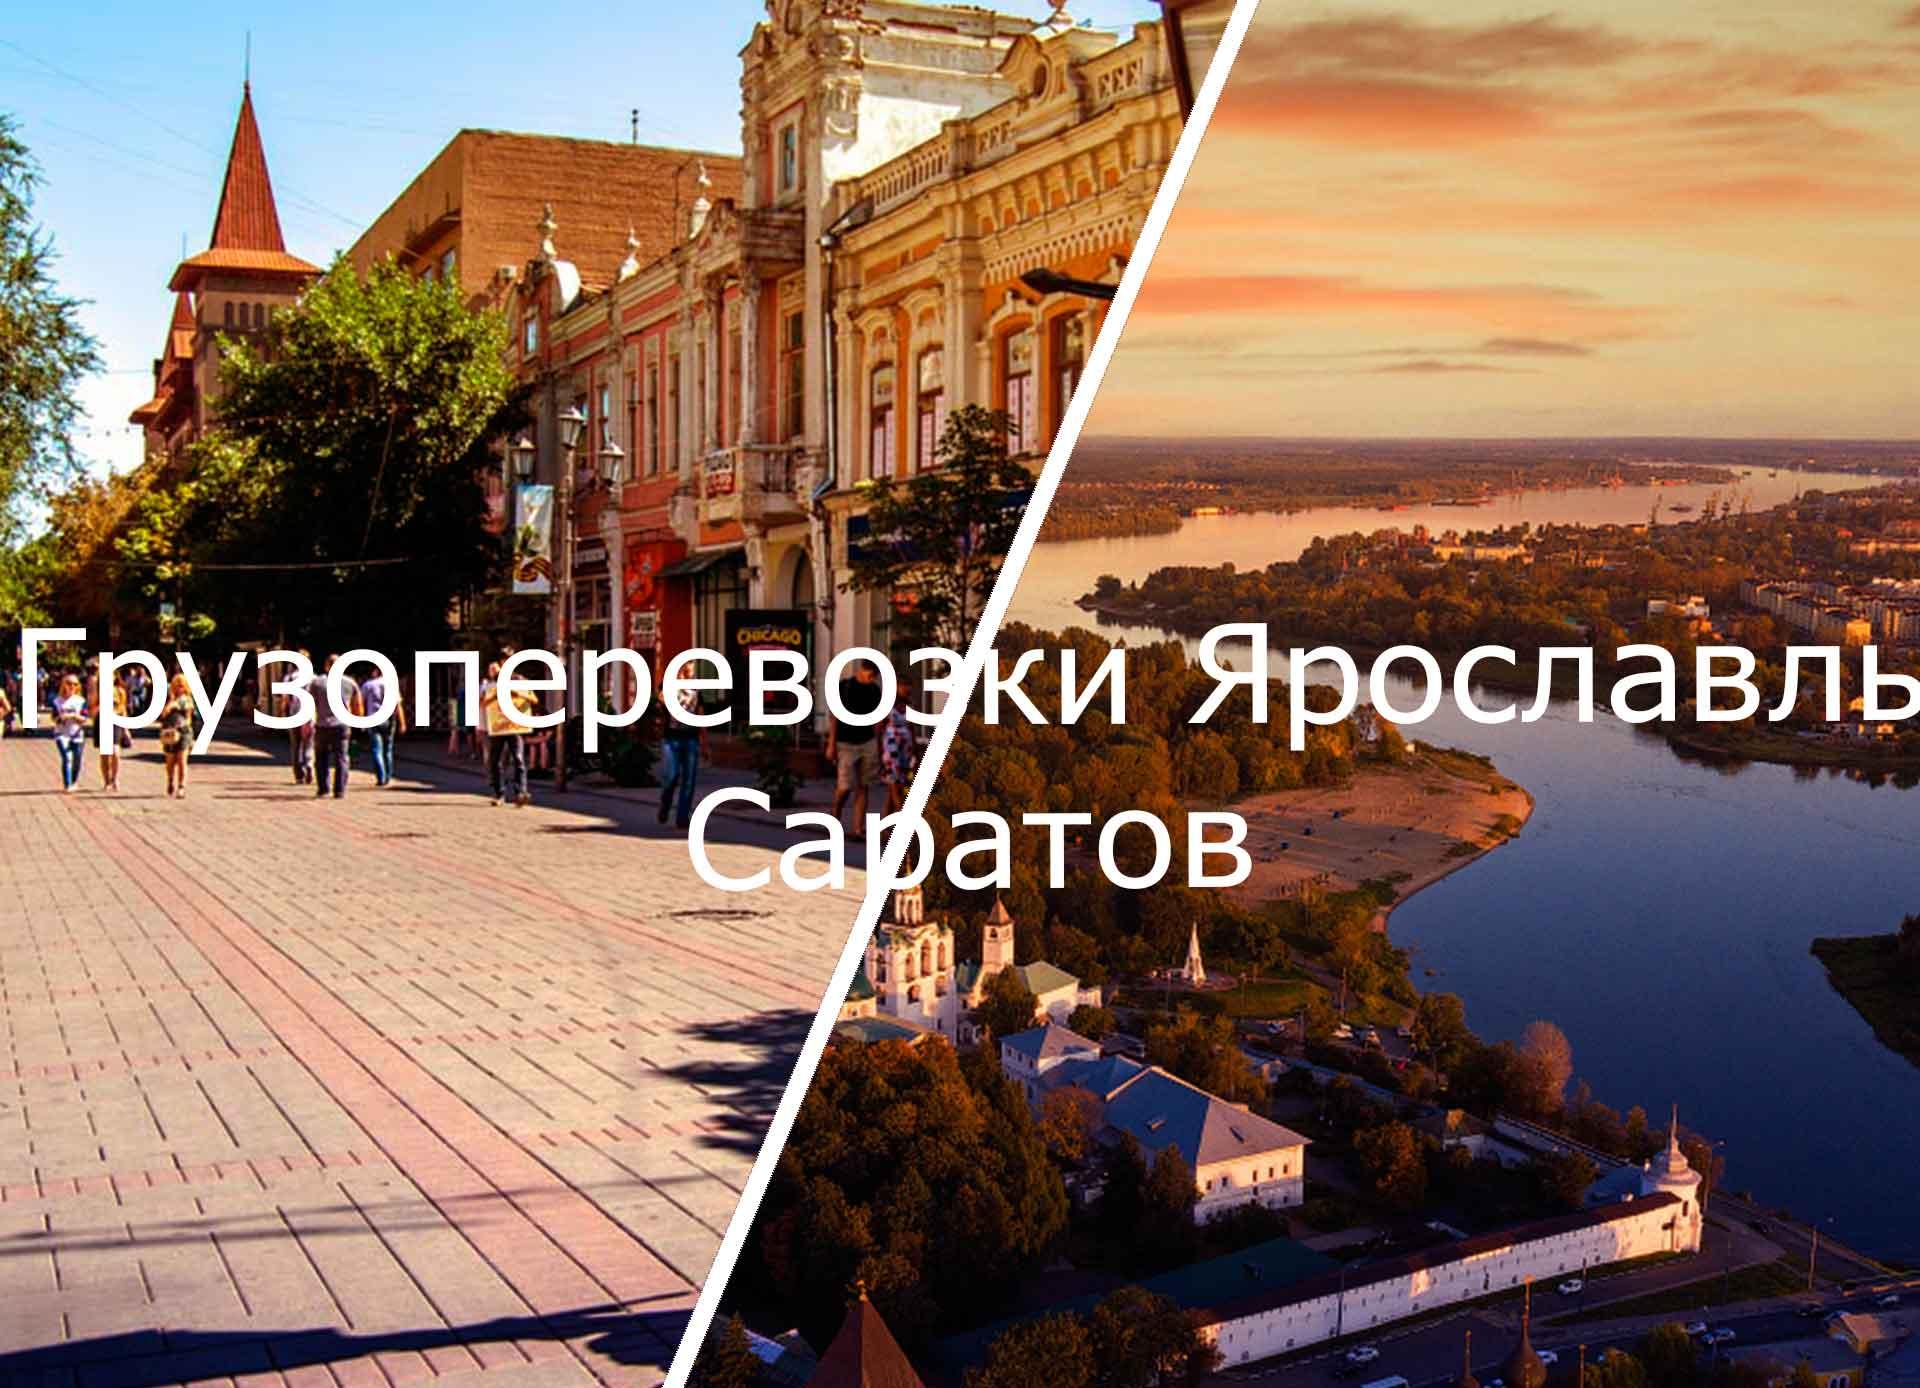 грузоперевозки ярославль саратов